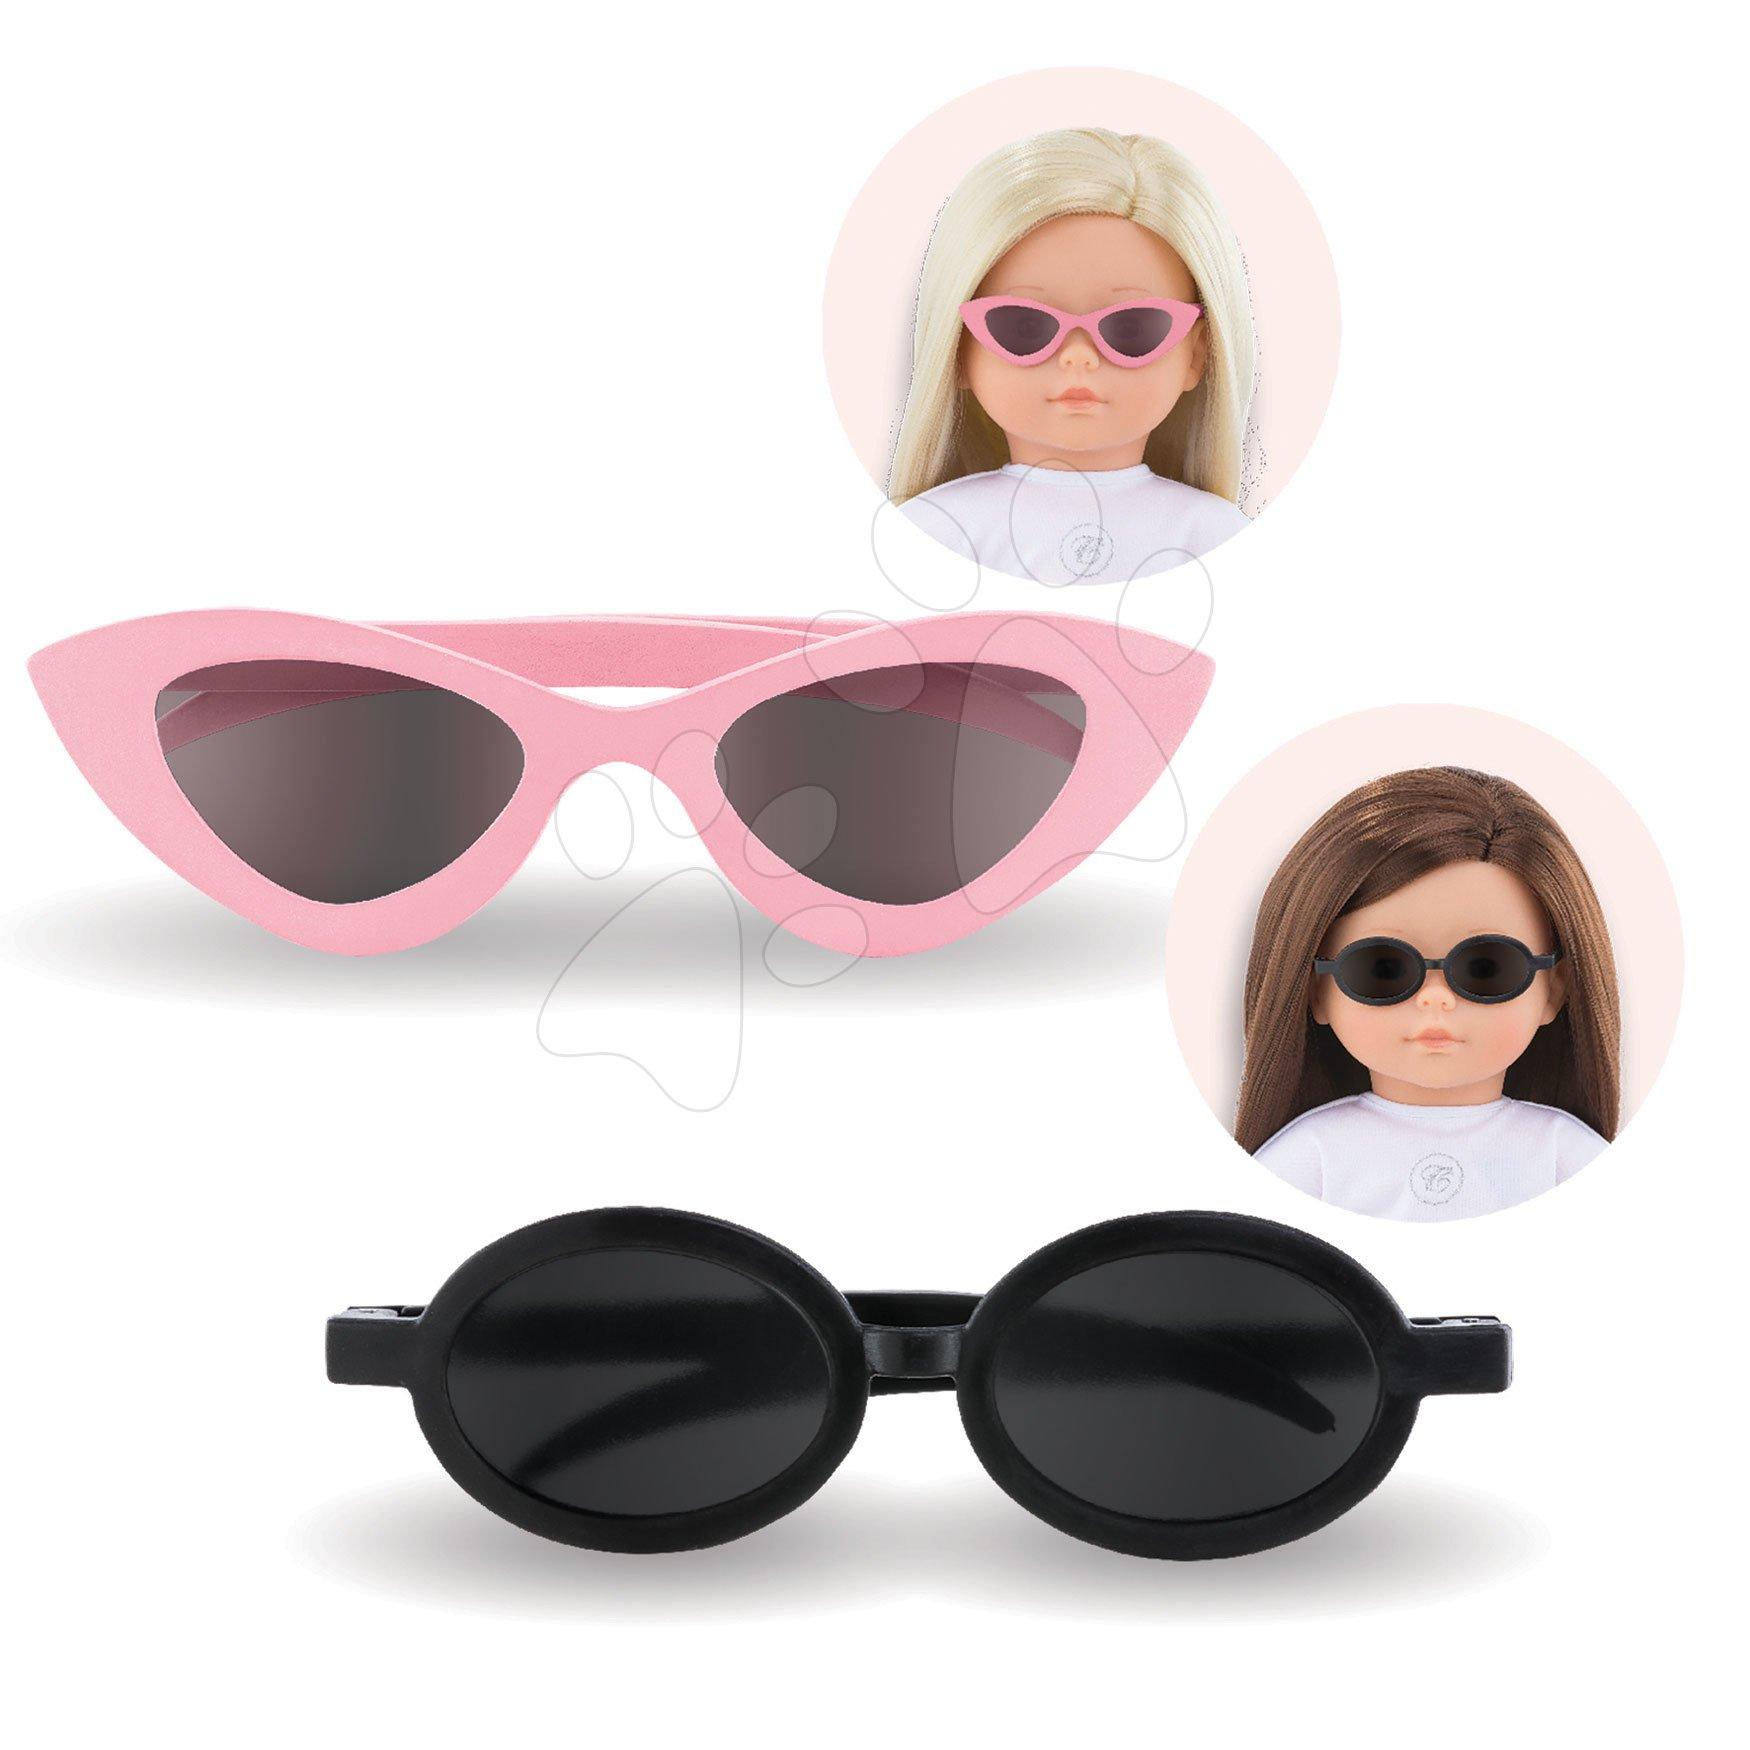 Slnečné okuliare Sunglasses Ma Corolle 1 kus pre 36 cm bábiku od 4 rokov